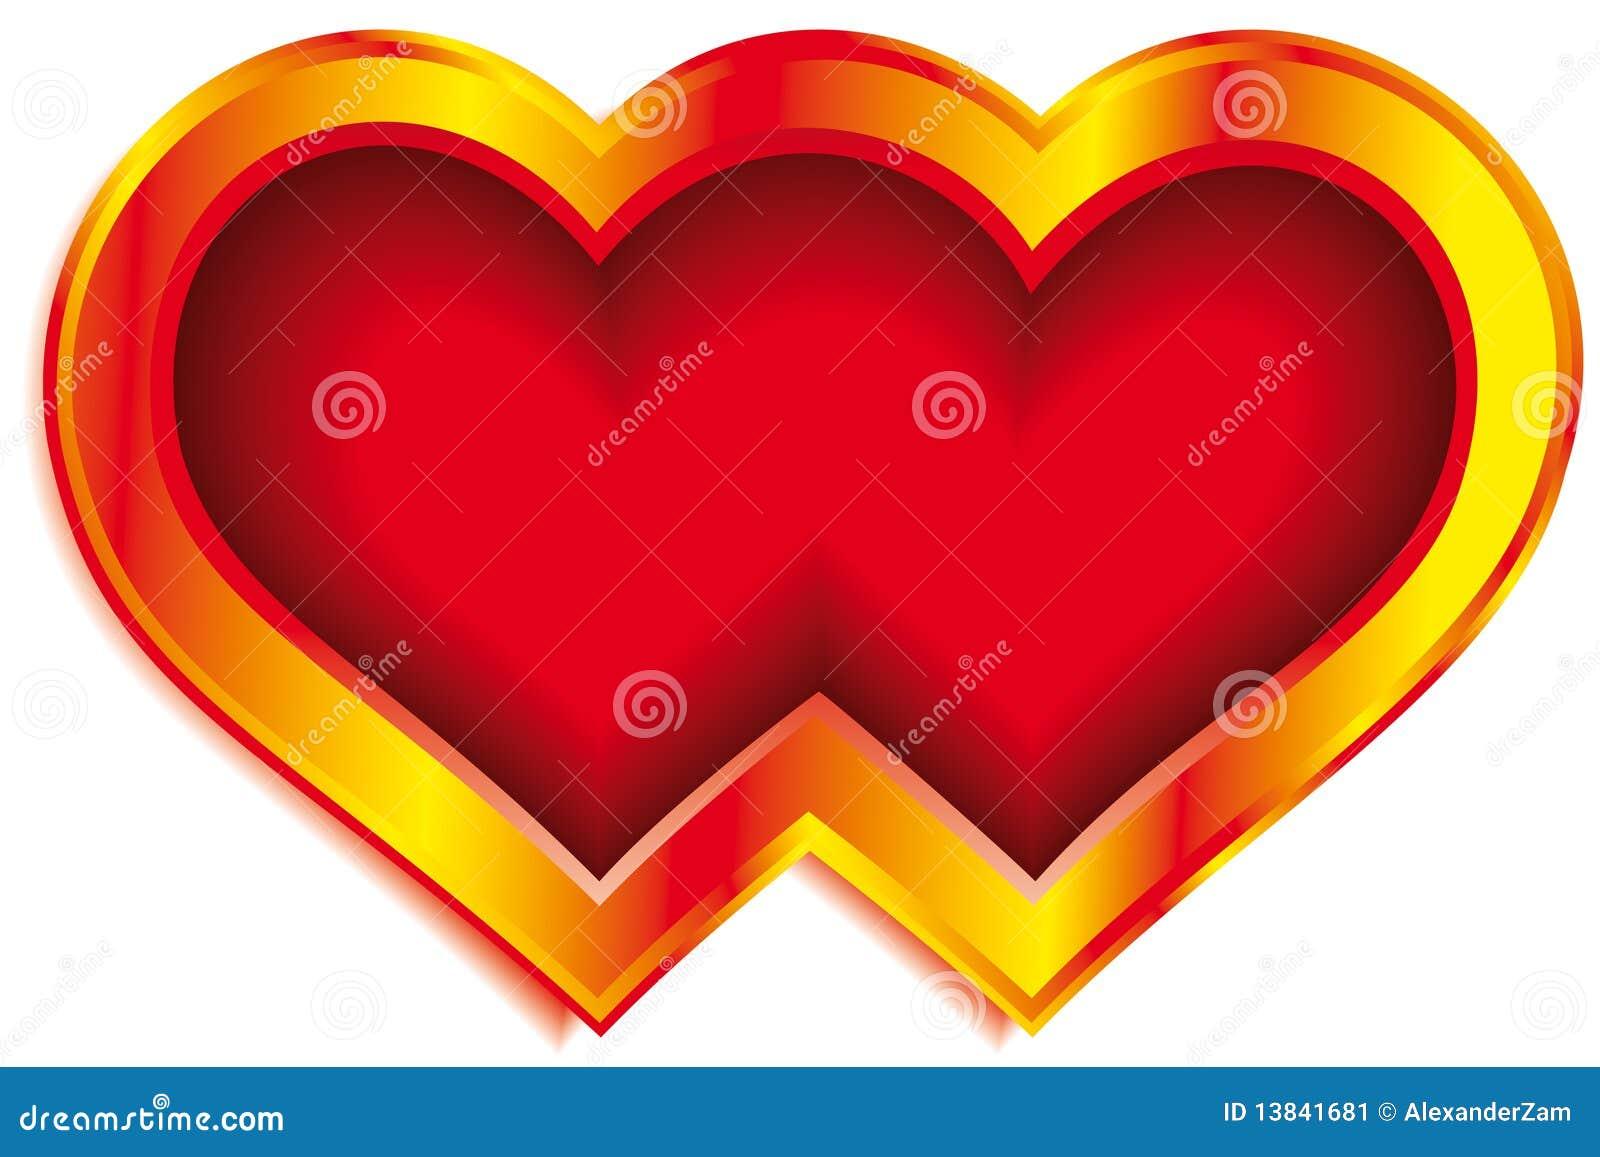 Как сделать двойное сердечко